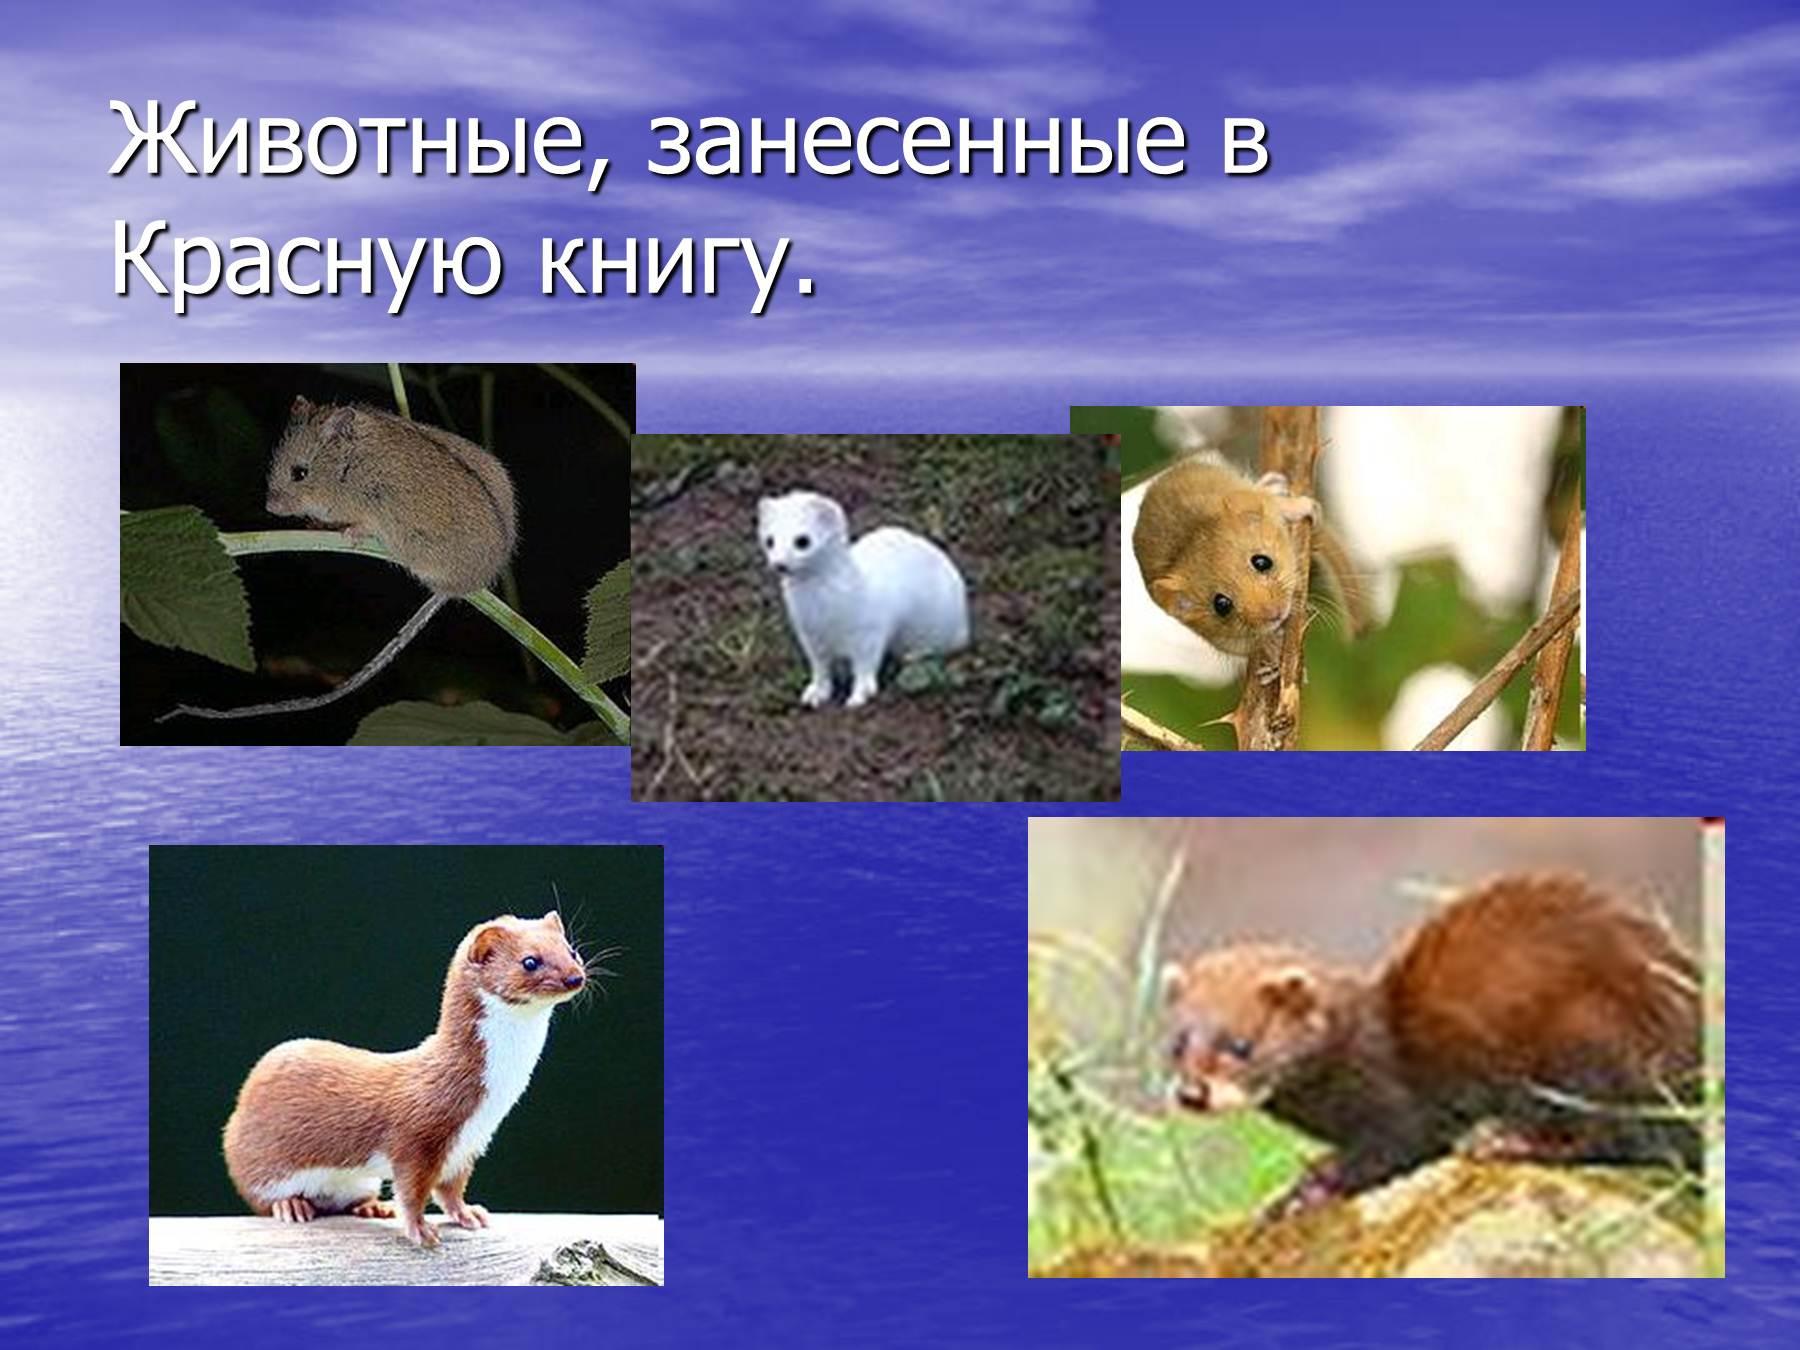 Животные занесенные в красную книгу рисунки 6